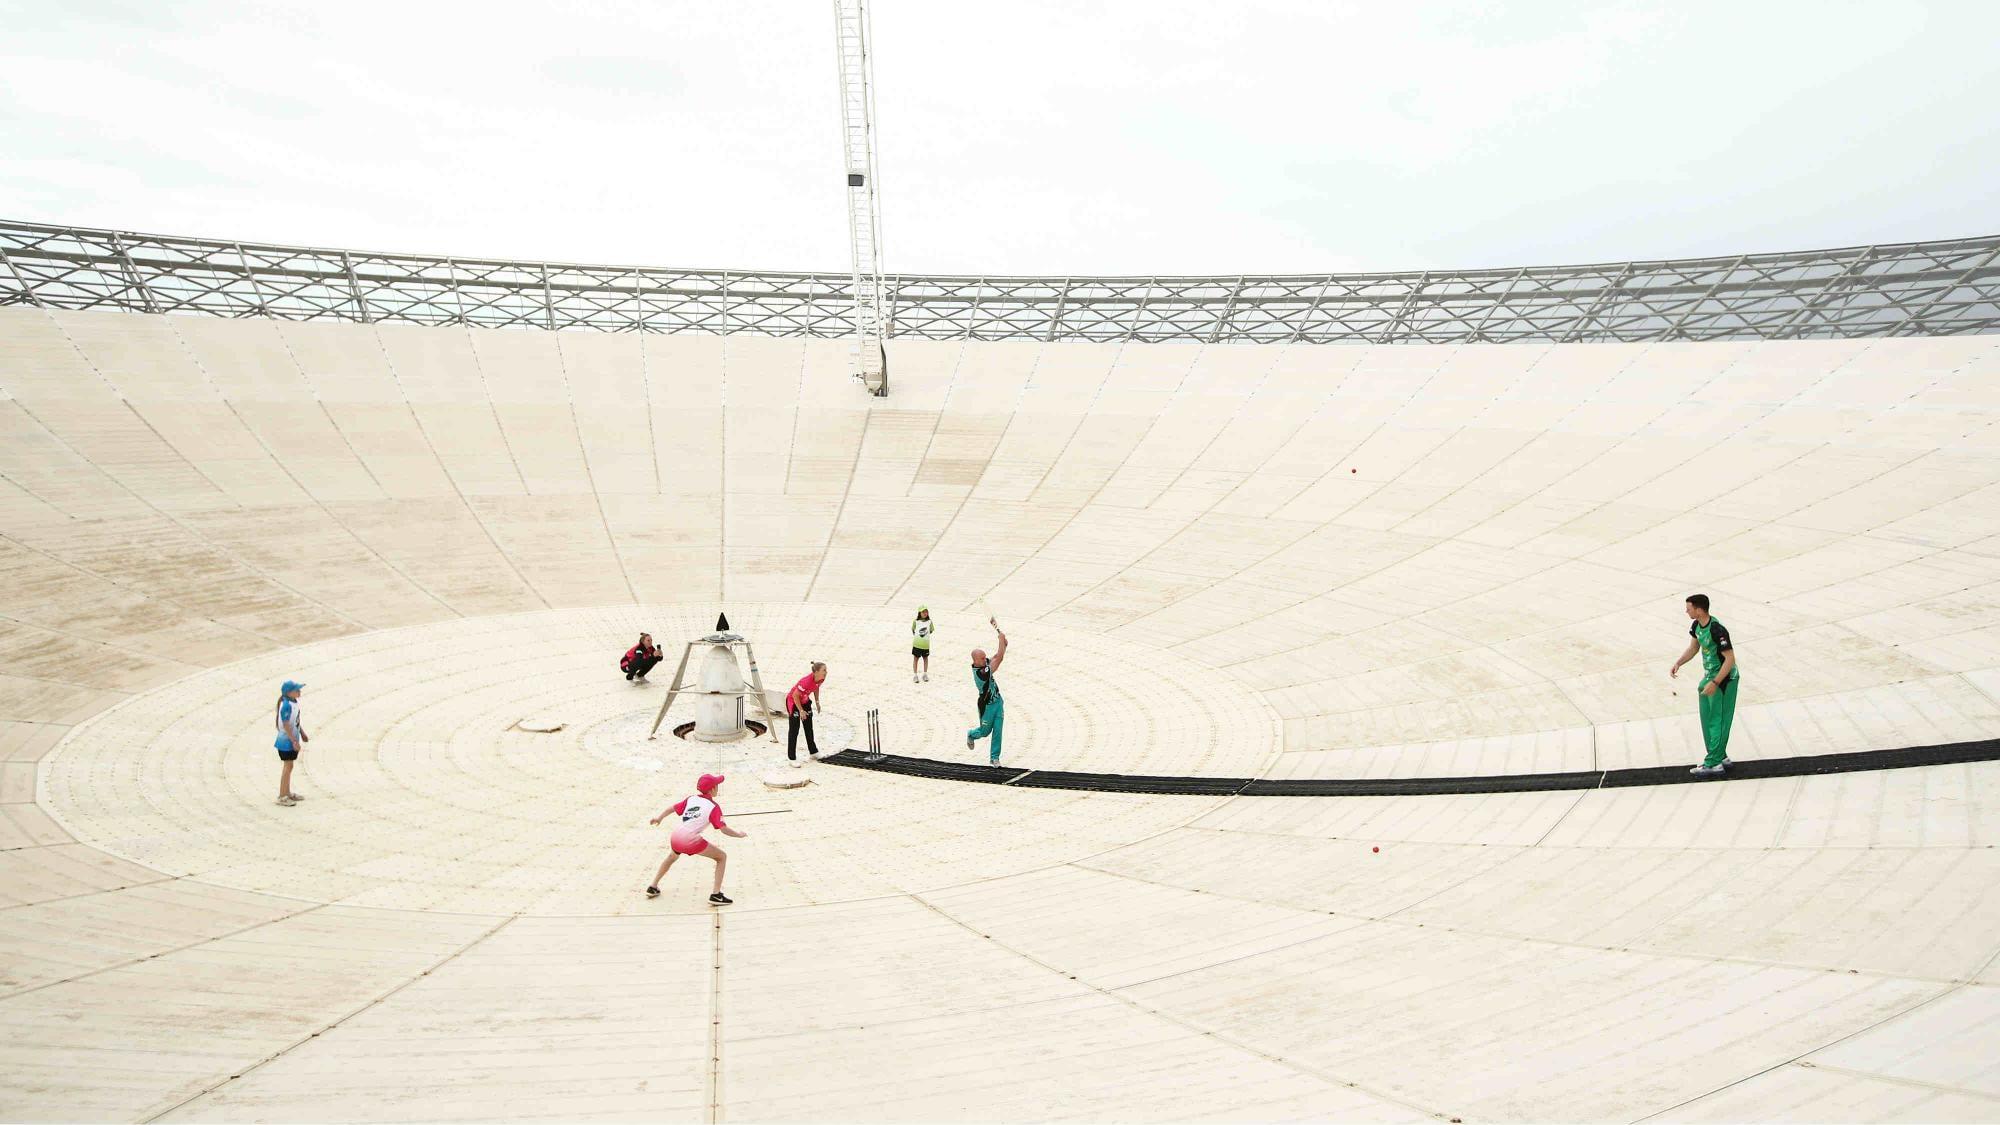 డిష్ యాంటెనాపై క్రికెట్ ఆడుతున్న ఆస్ట్రేలియన్ క్రికెటర్లు ( Cricket.com.au / ICC )